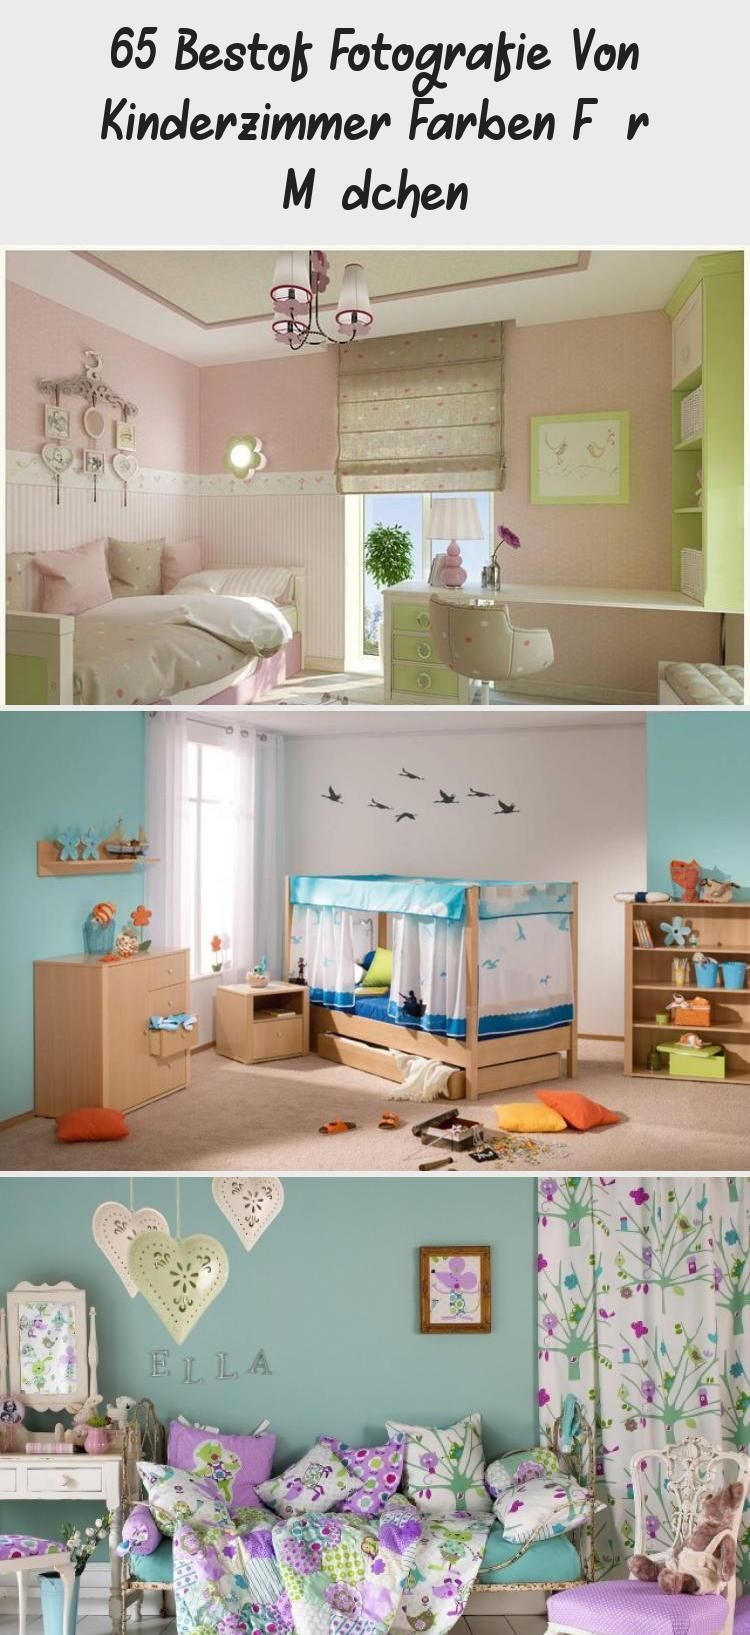 65 Bestof Fotografie Von Kinderzimmer Farben Für Mädchen Kinderzimmerfarben Kinderzimmer Farbe Kinder Zimmer